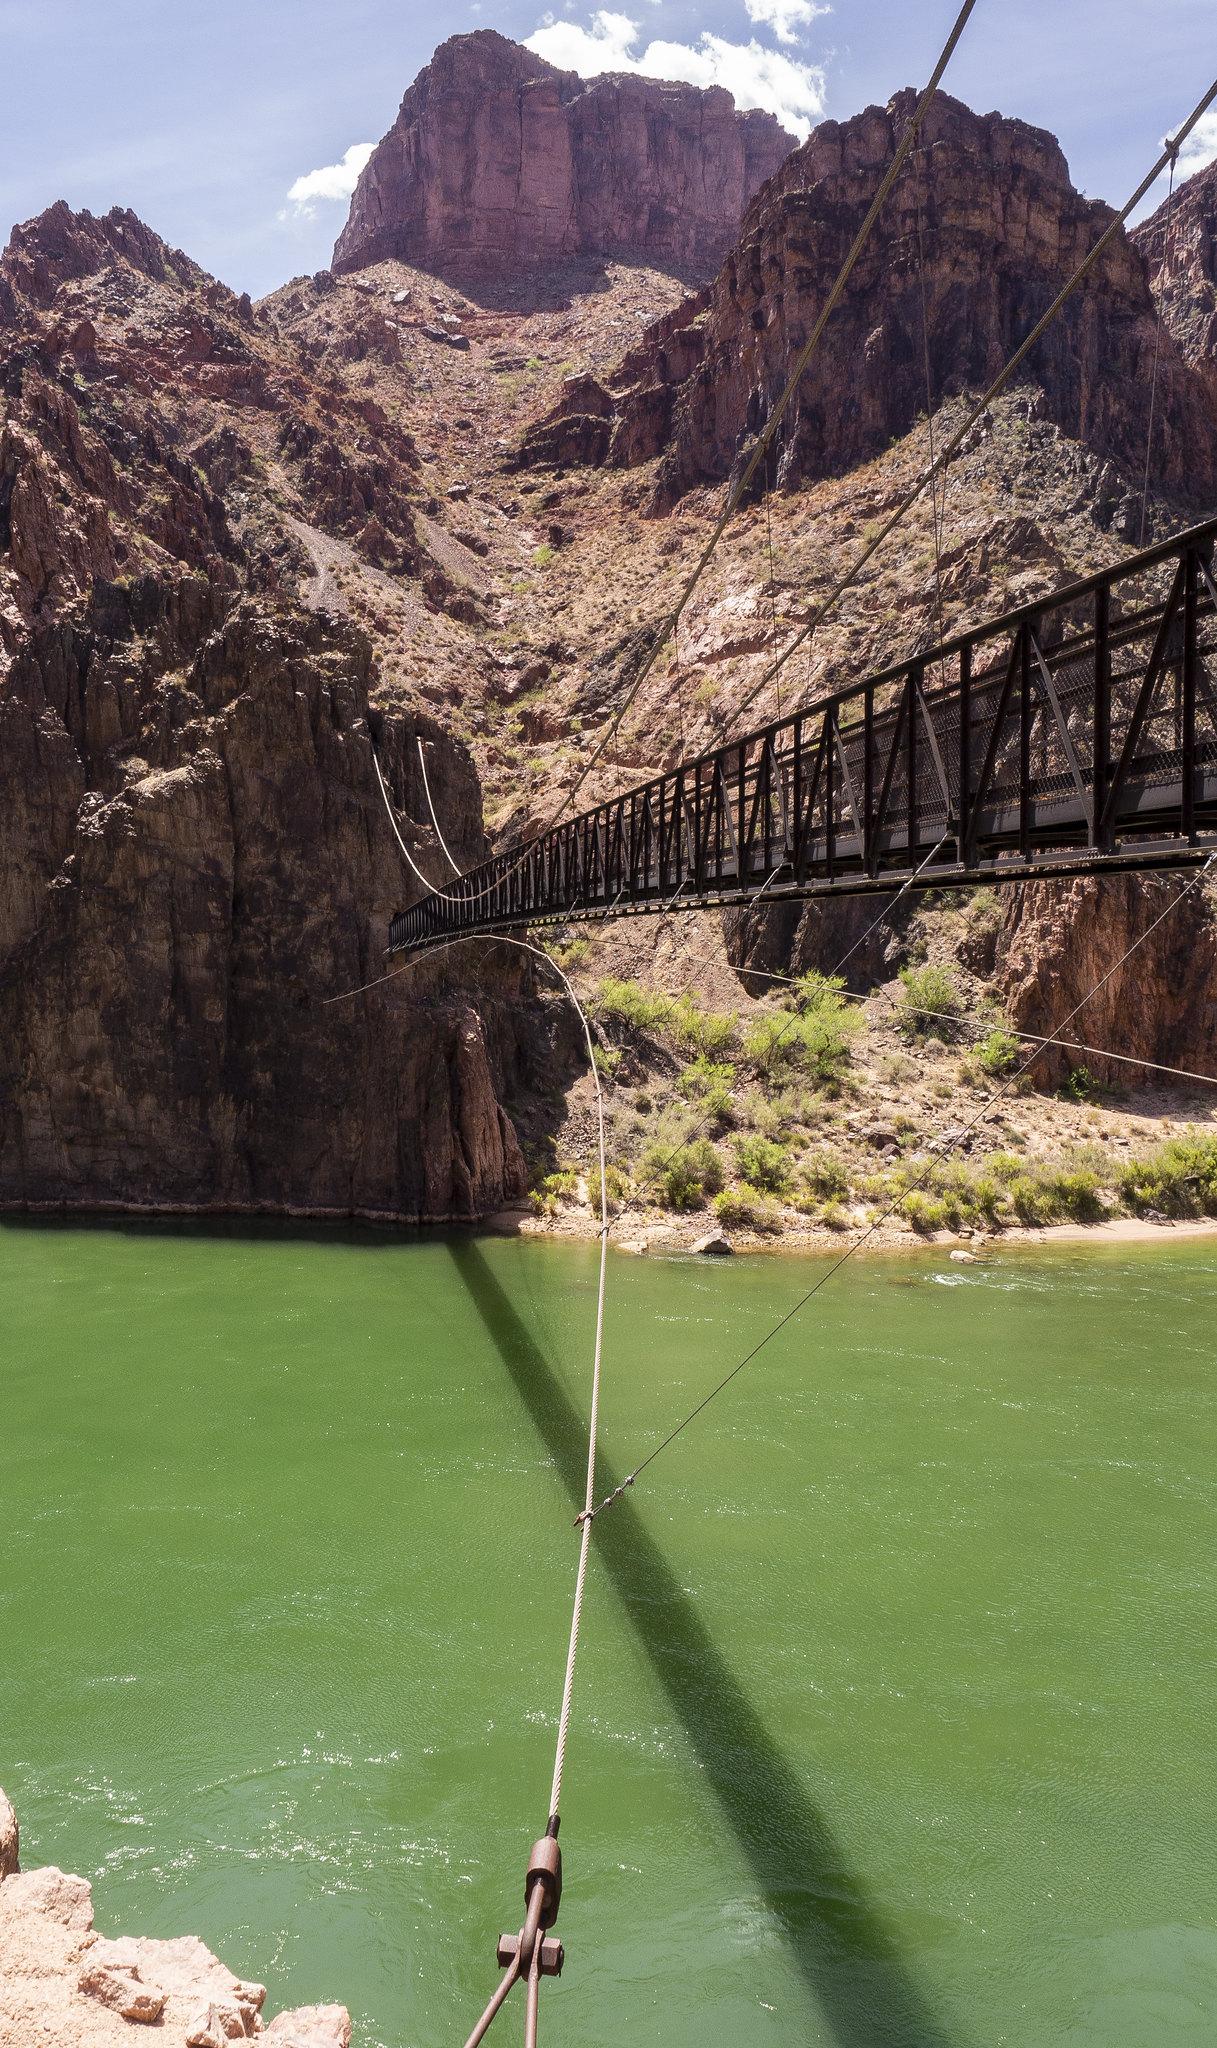 Kaibab Suspensio Bridge